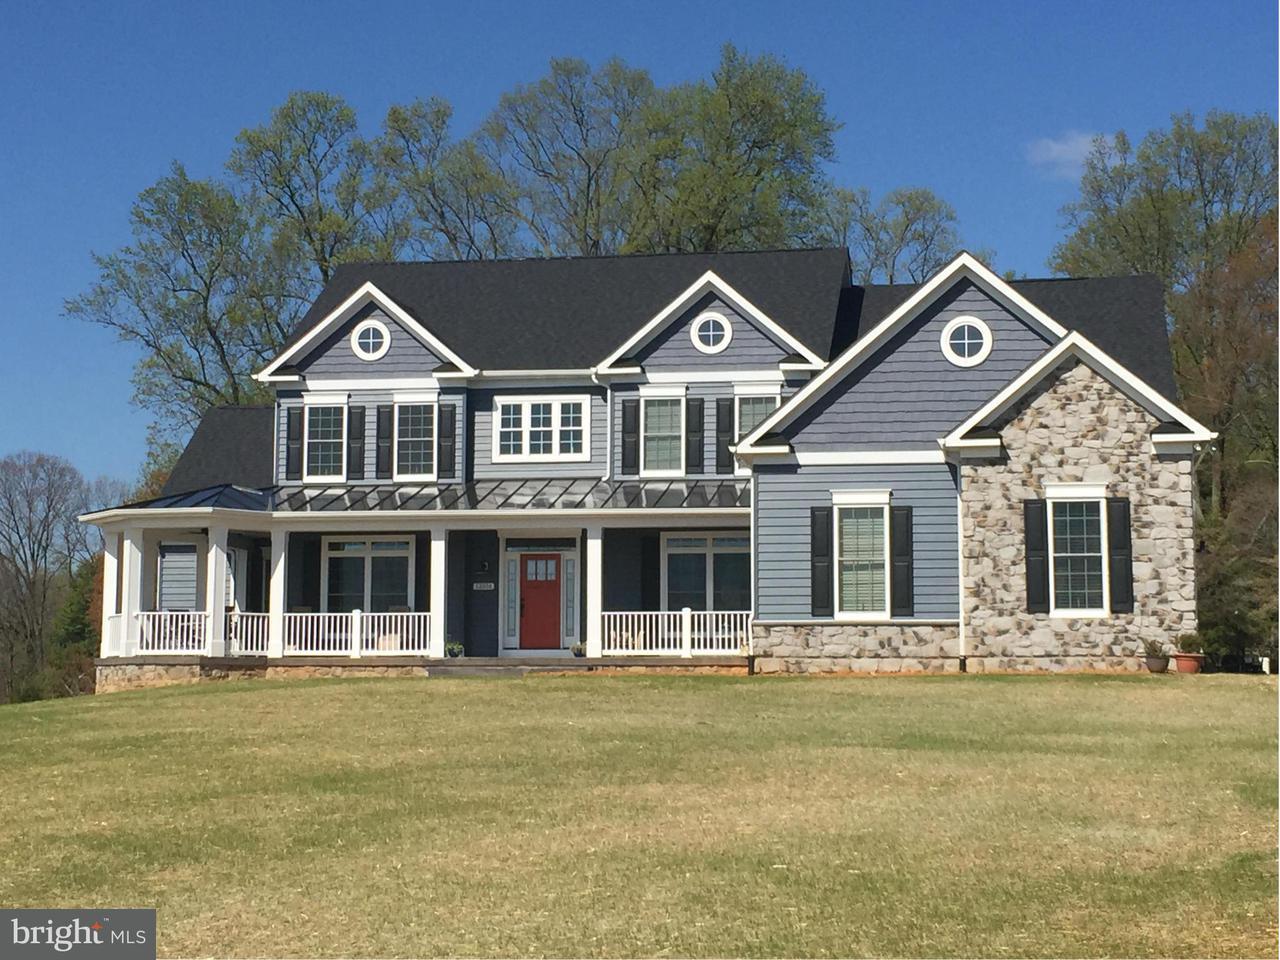 Maison unifamiliale pour l Vente à 2920 Rolling Green Drive 2920 Rolling Green Drive Churchville, Maryland 21028 États-Unis